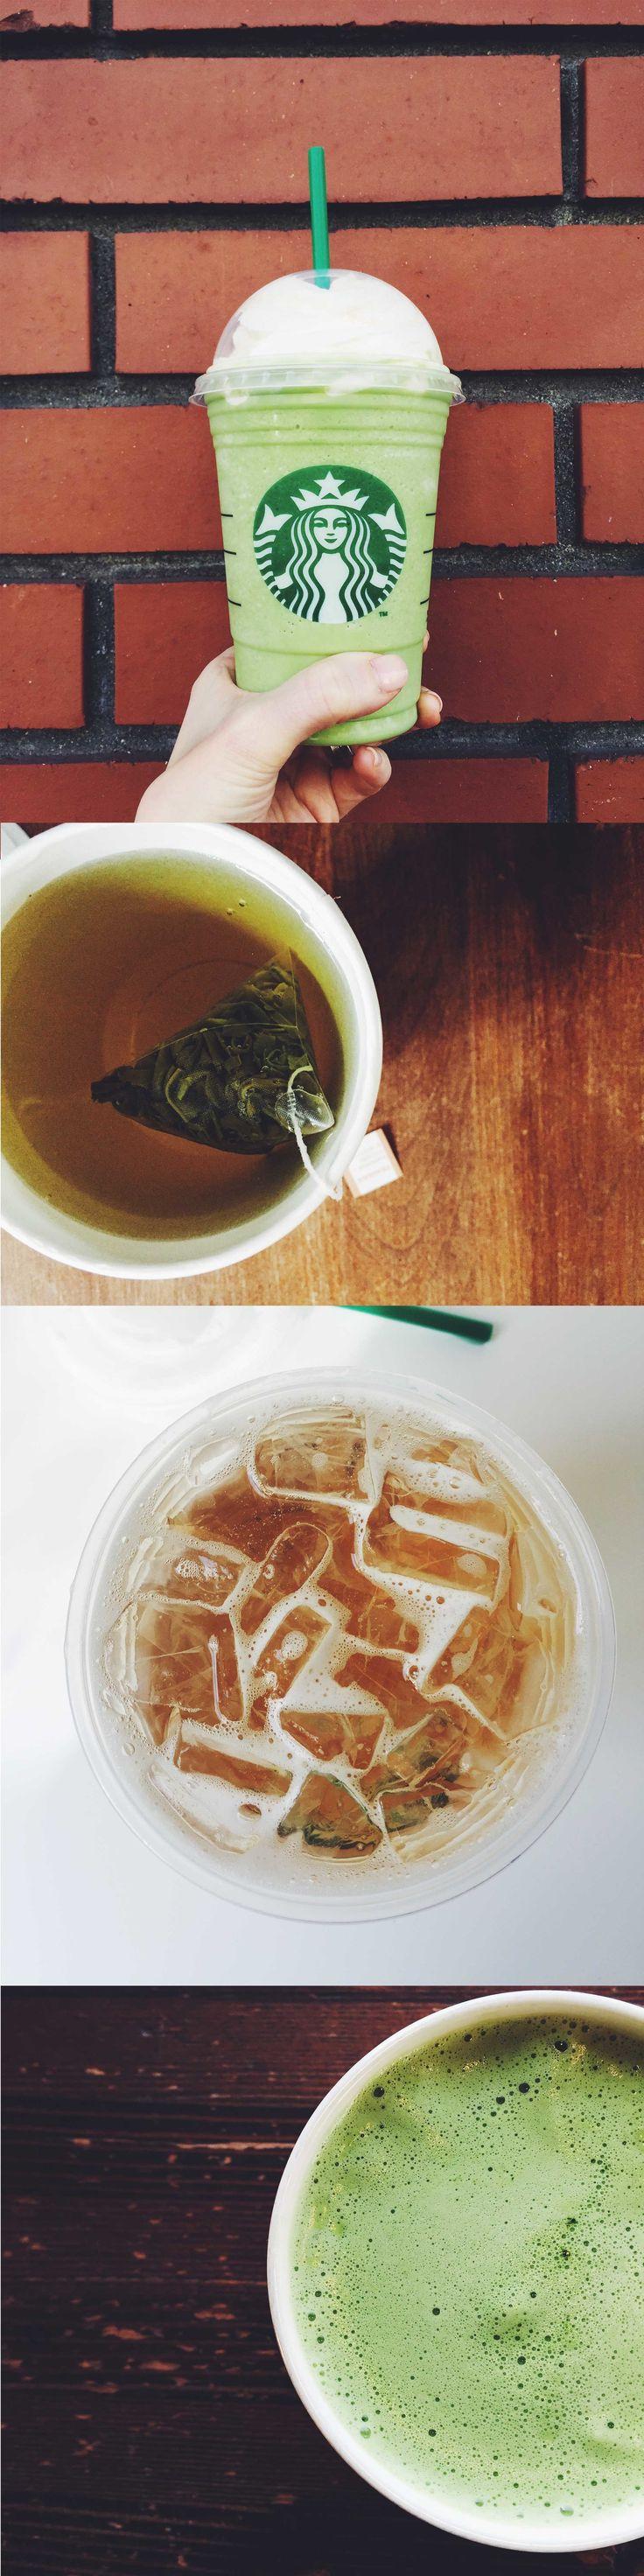 One tea. Four ways to enjoy it: Green Tea Frappuccino, hot green tea, iced green tea, or Green Tea Latte.